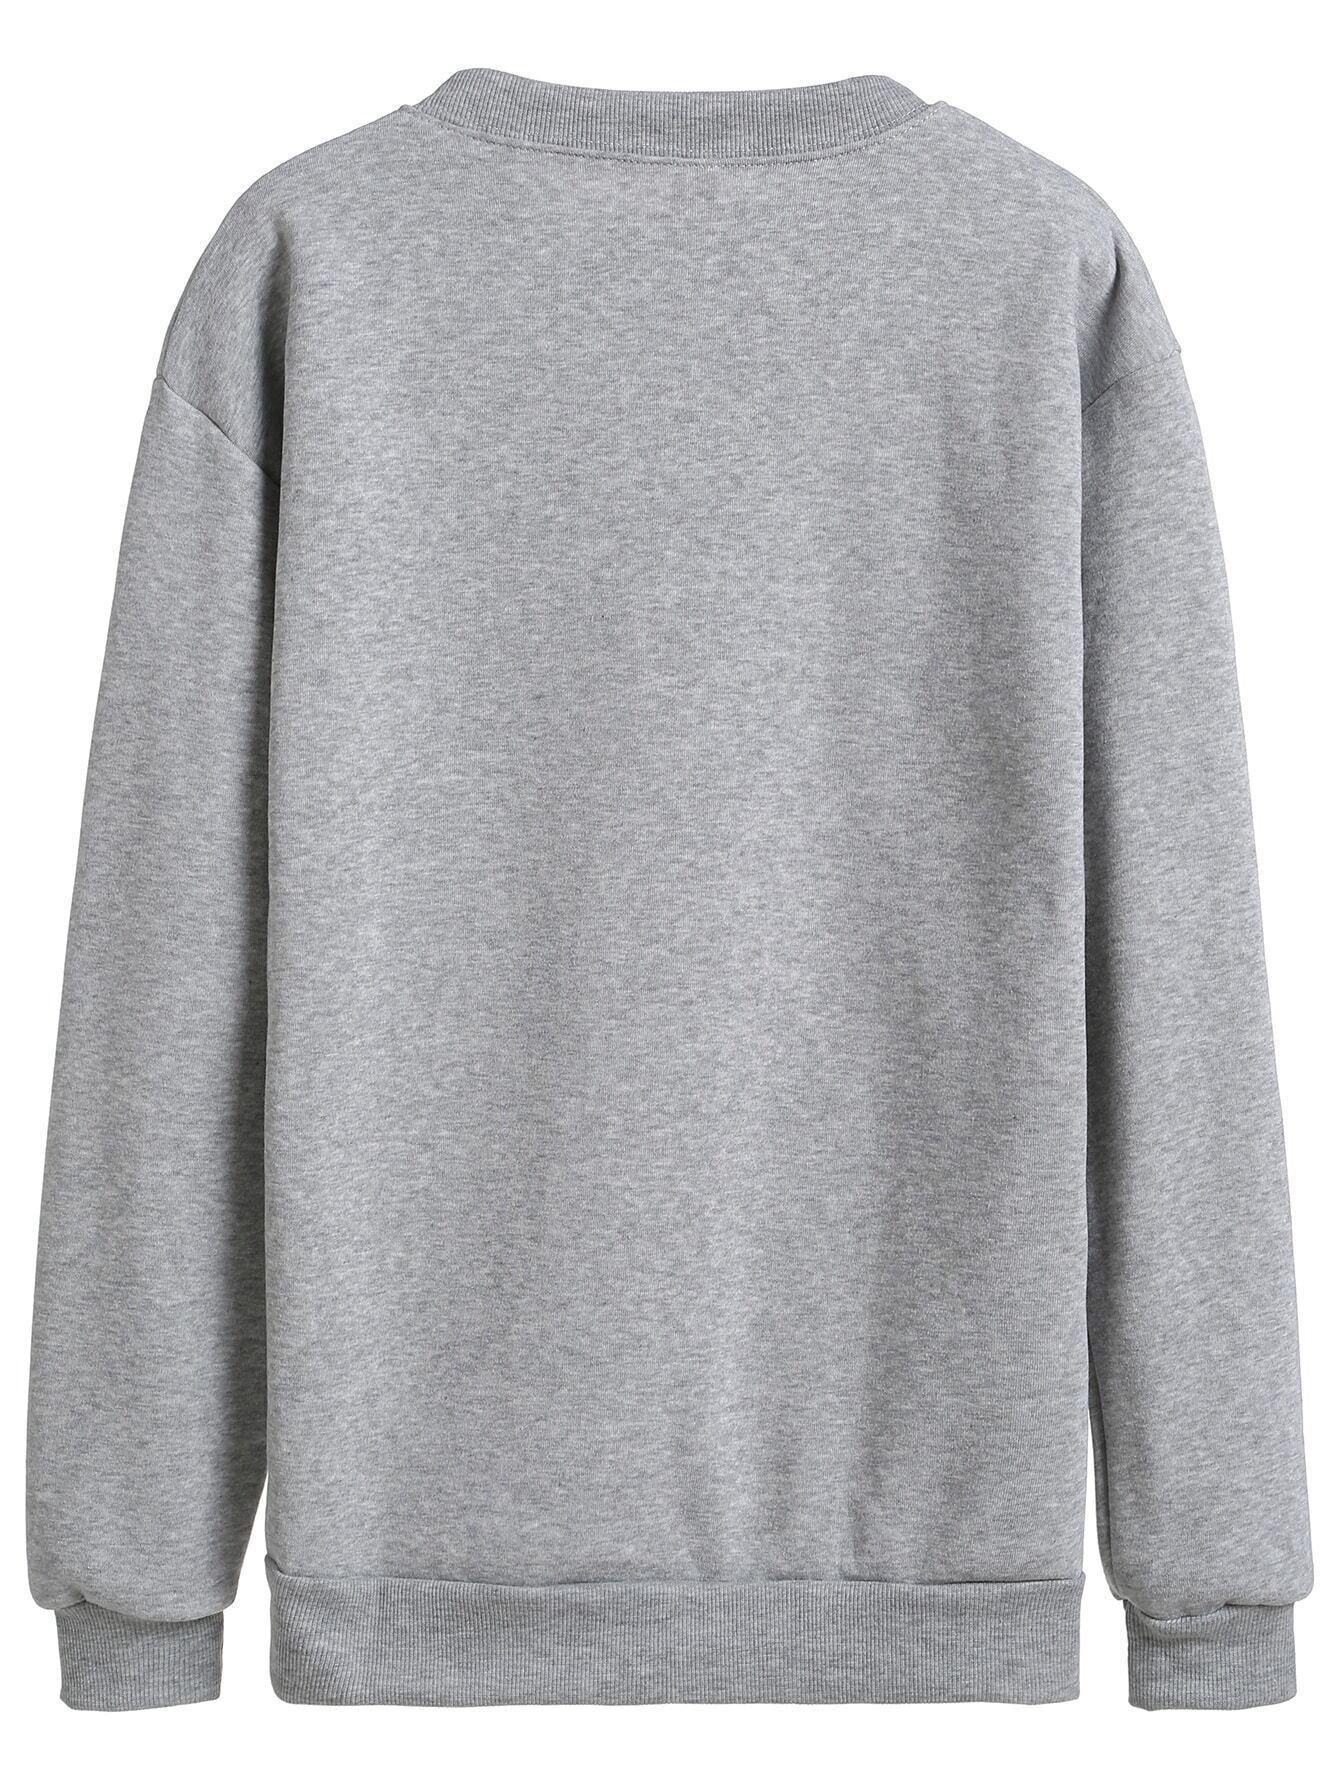 sweatshirt160825321_2